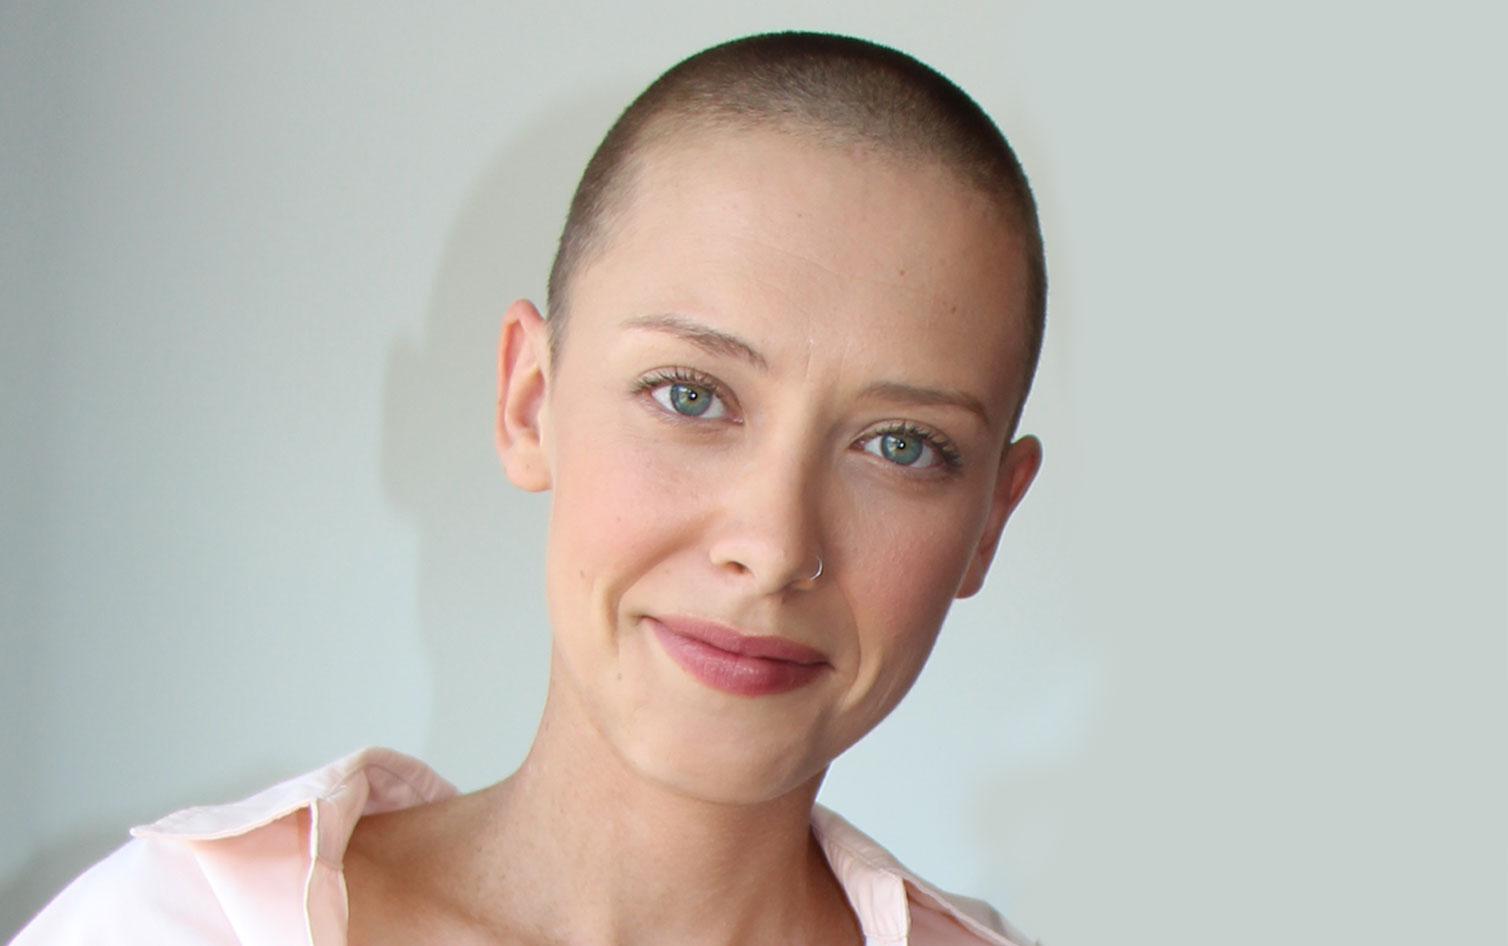 פאות רפואיות לחולות סרטן אונקולוגיות